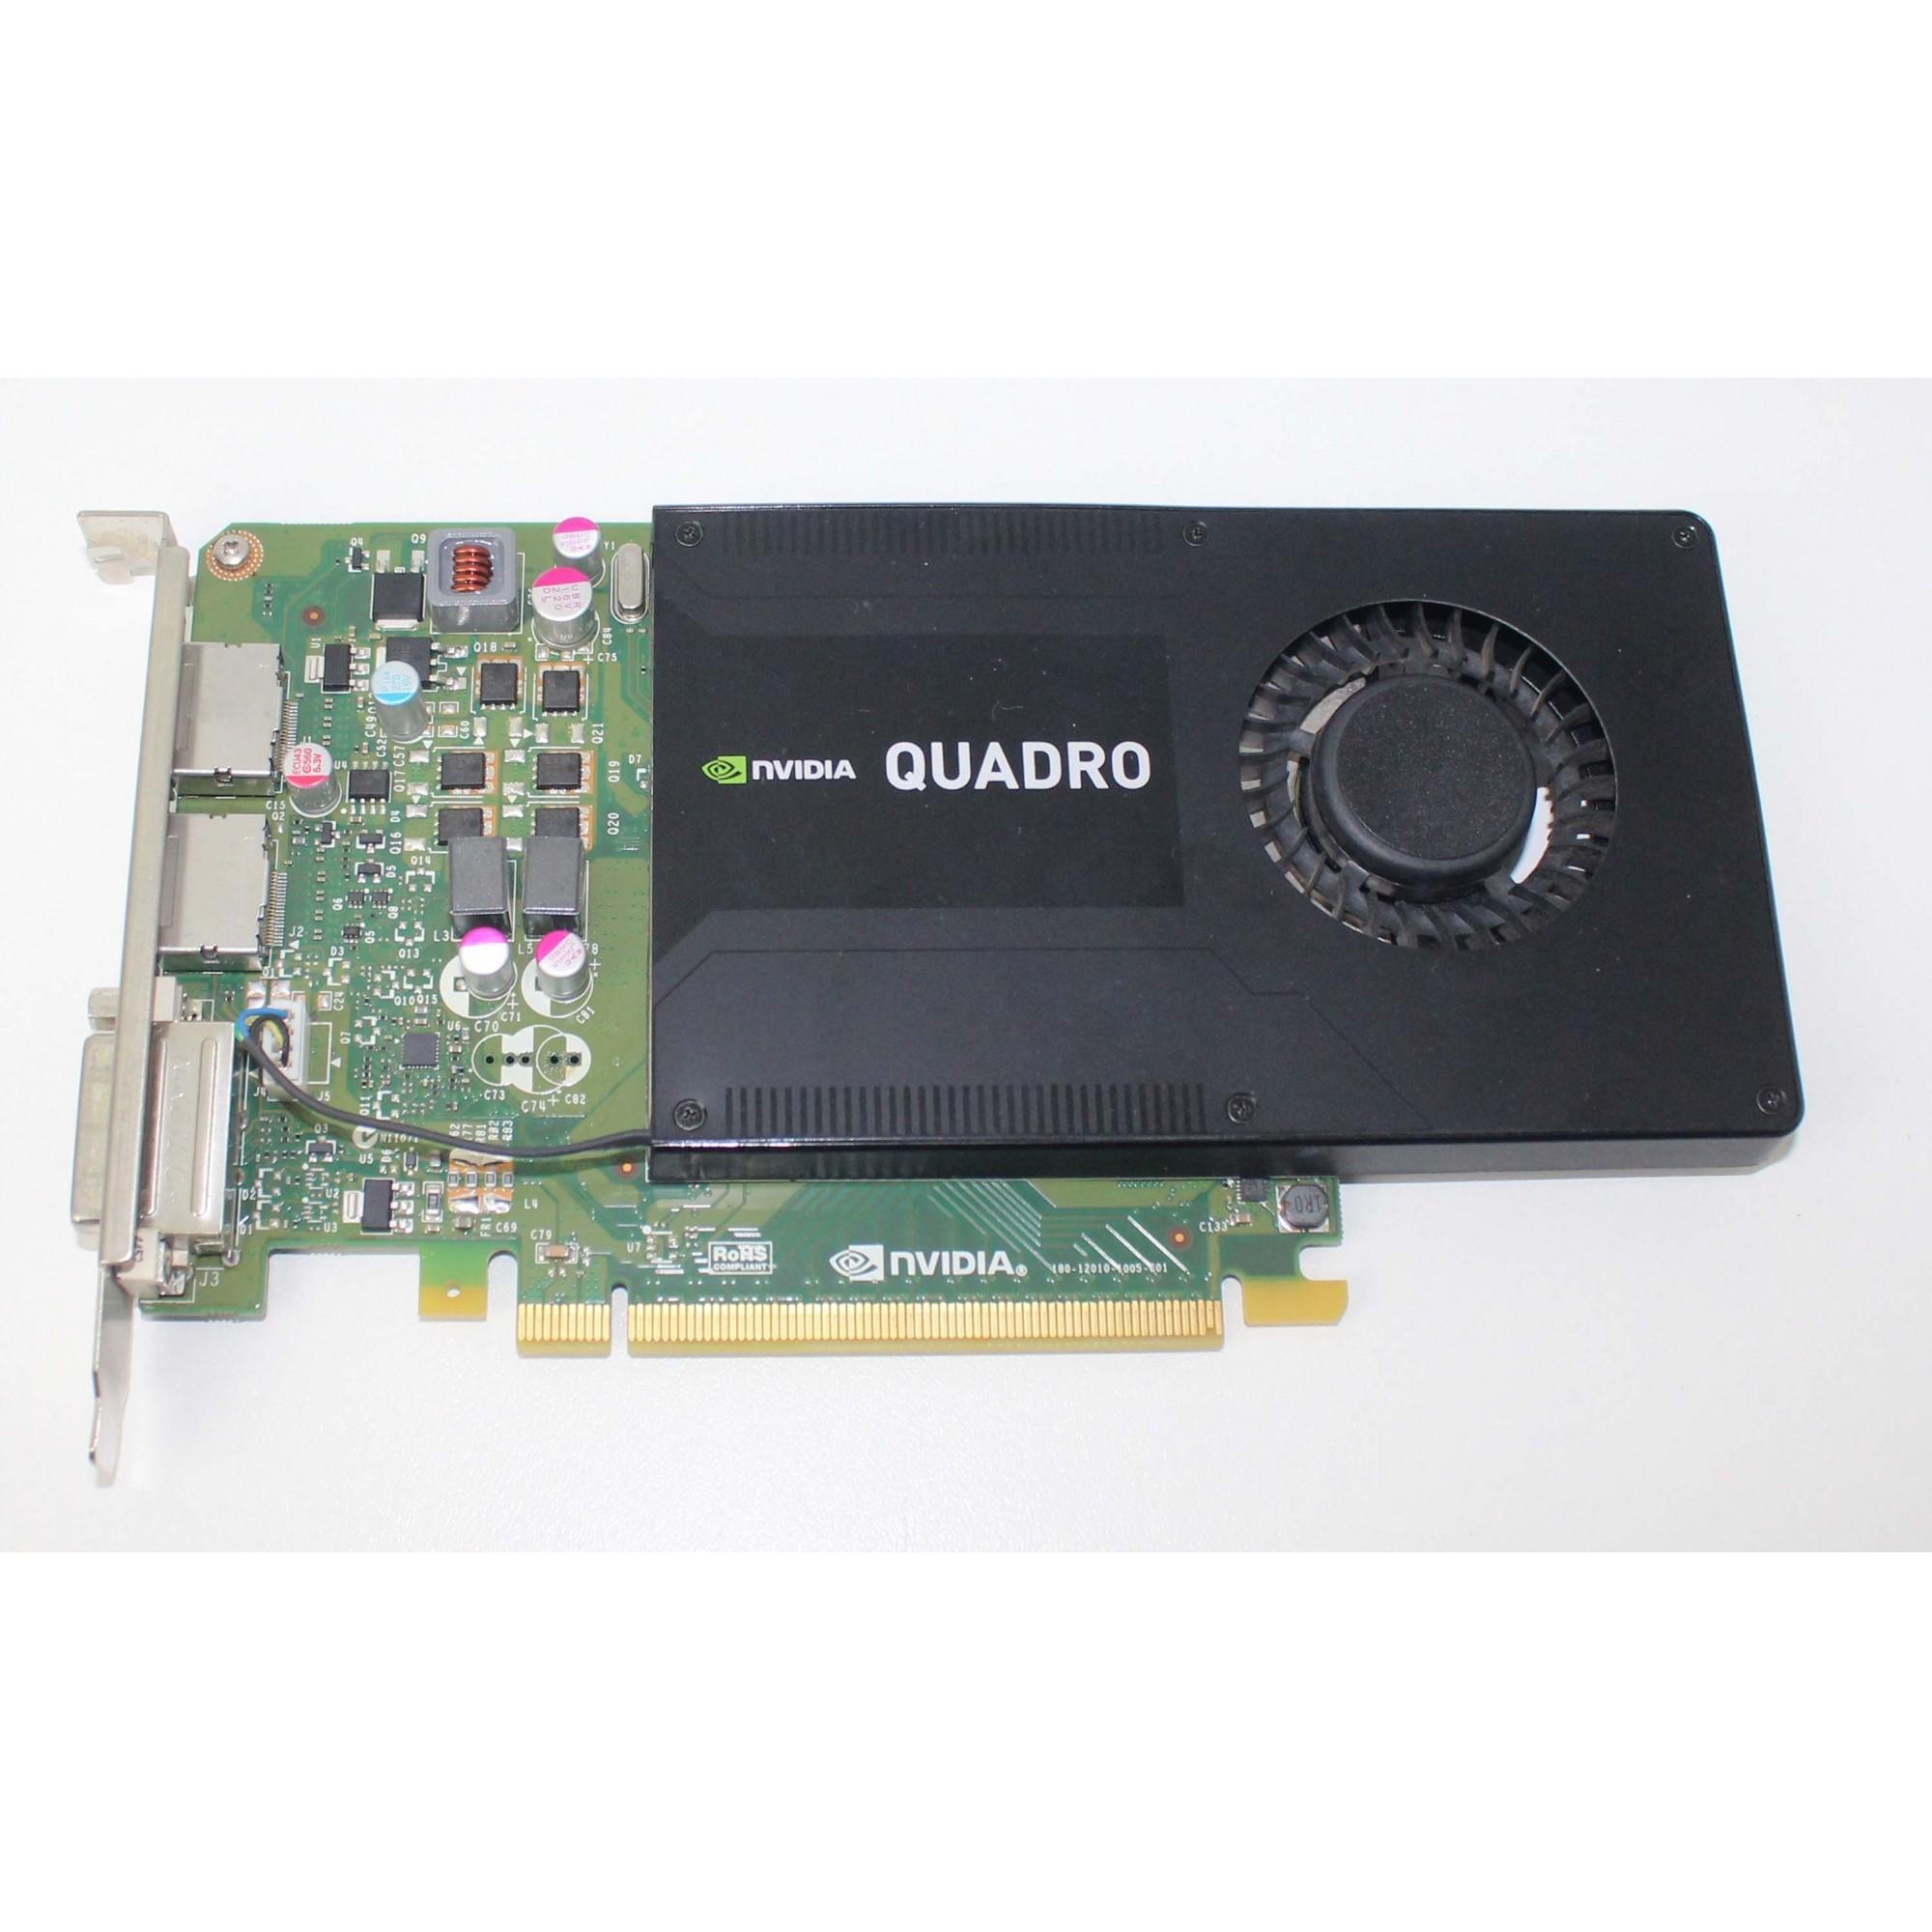 Placa de vídeo nVidia Quadro K2200 4GB GDDR5 DVI/ 2 DisplayPort